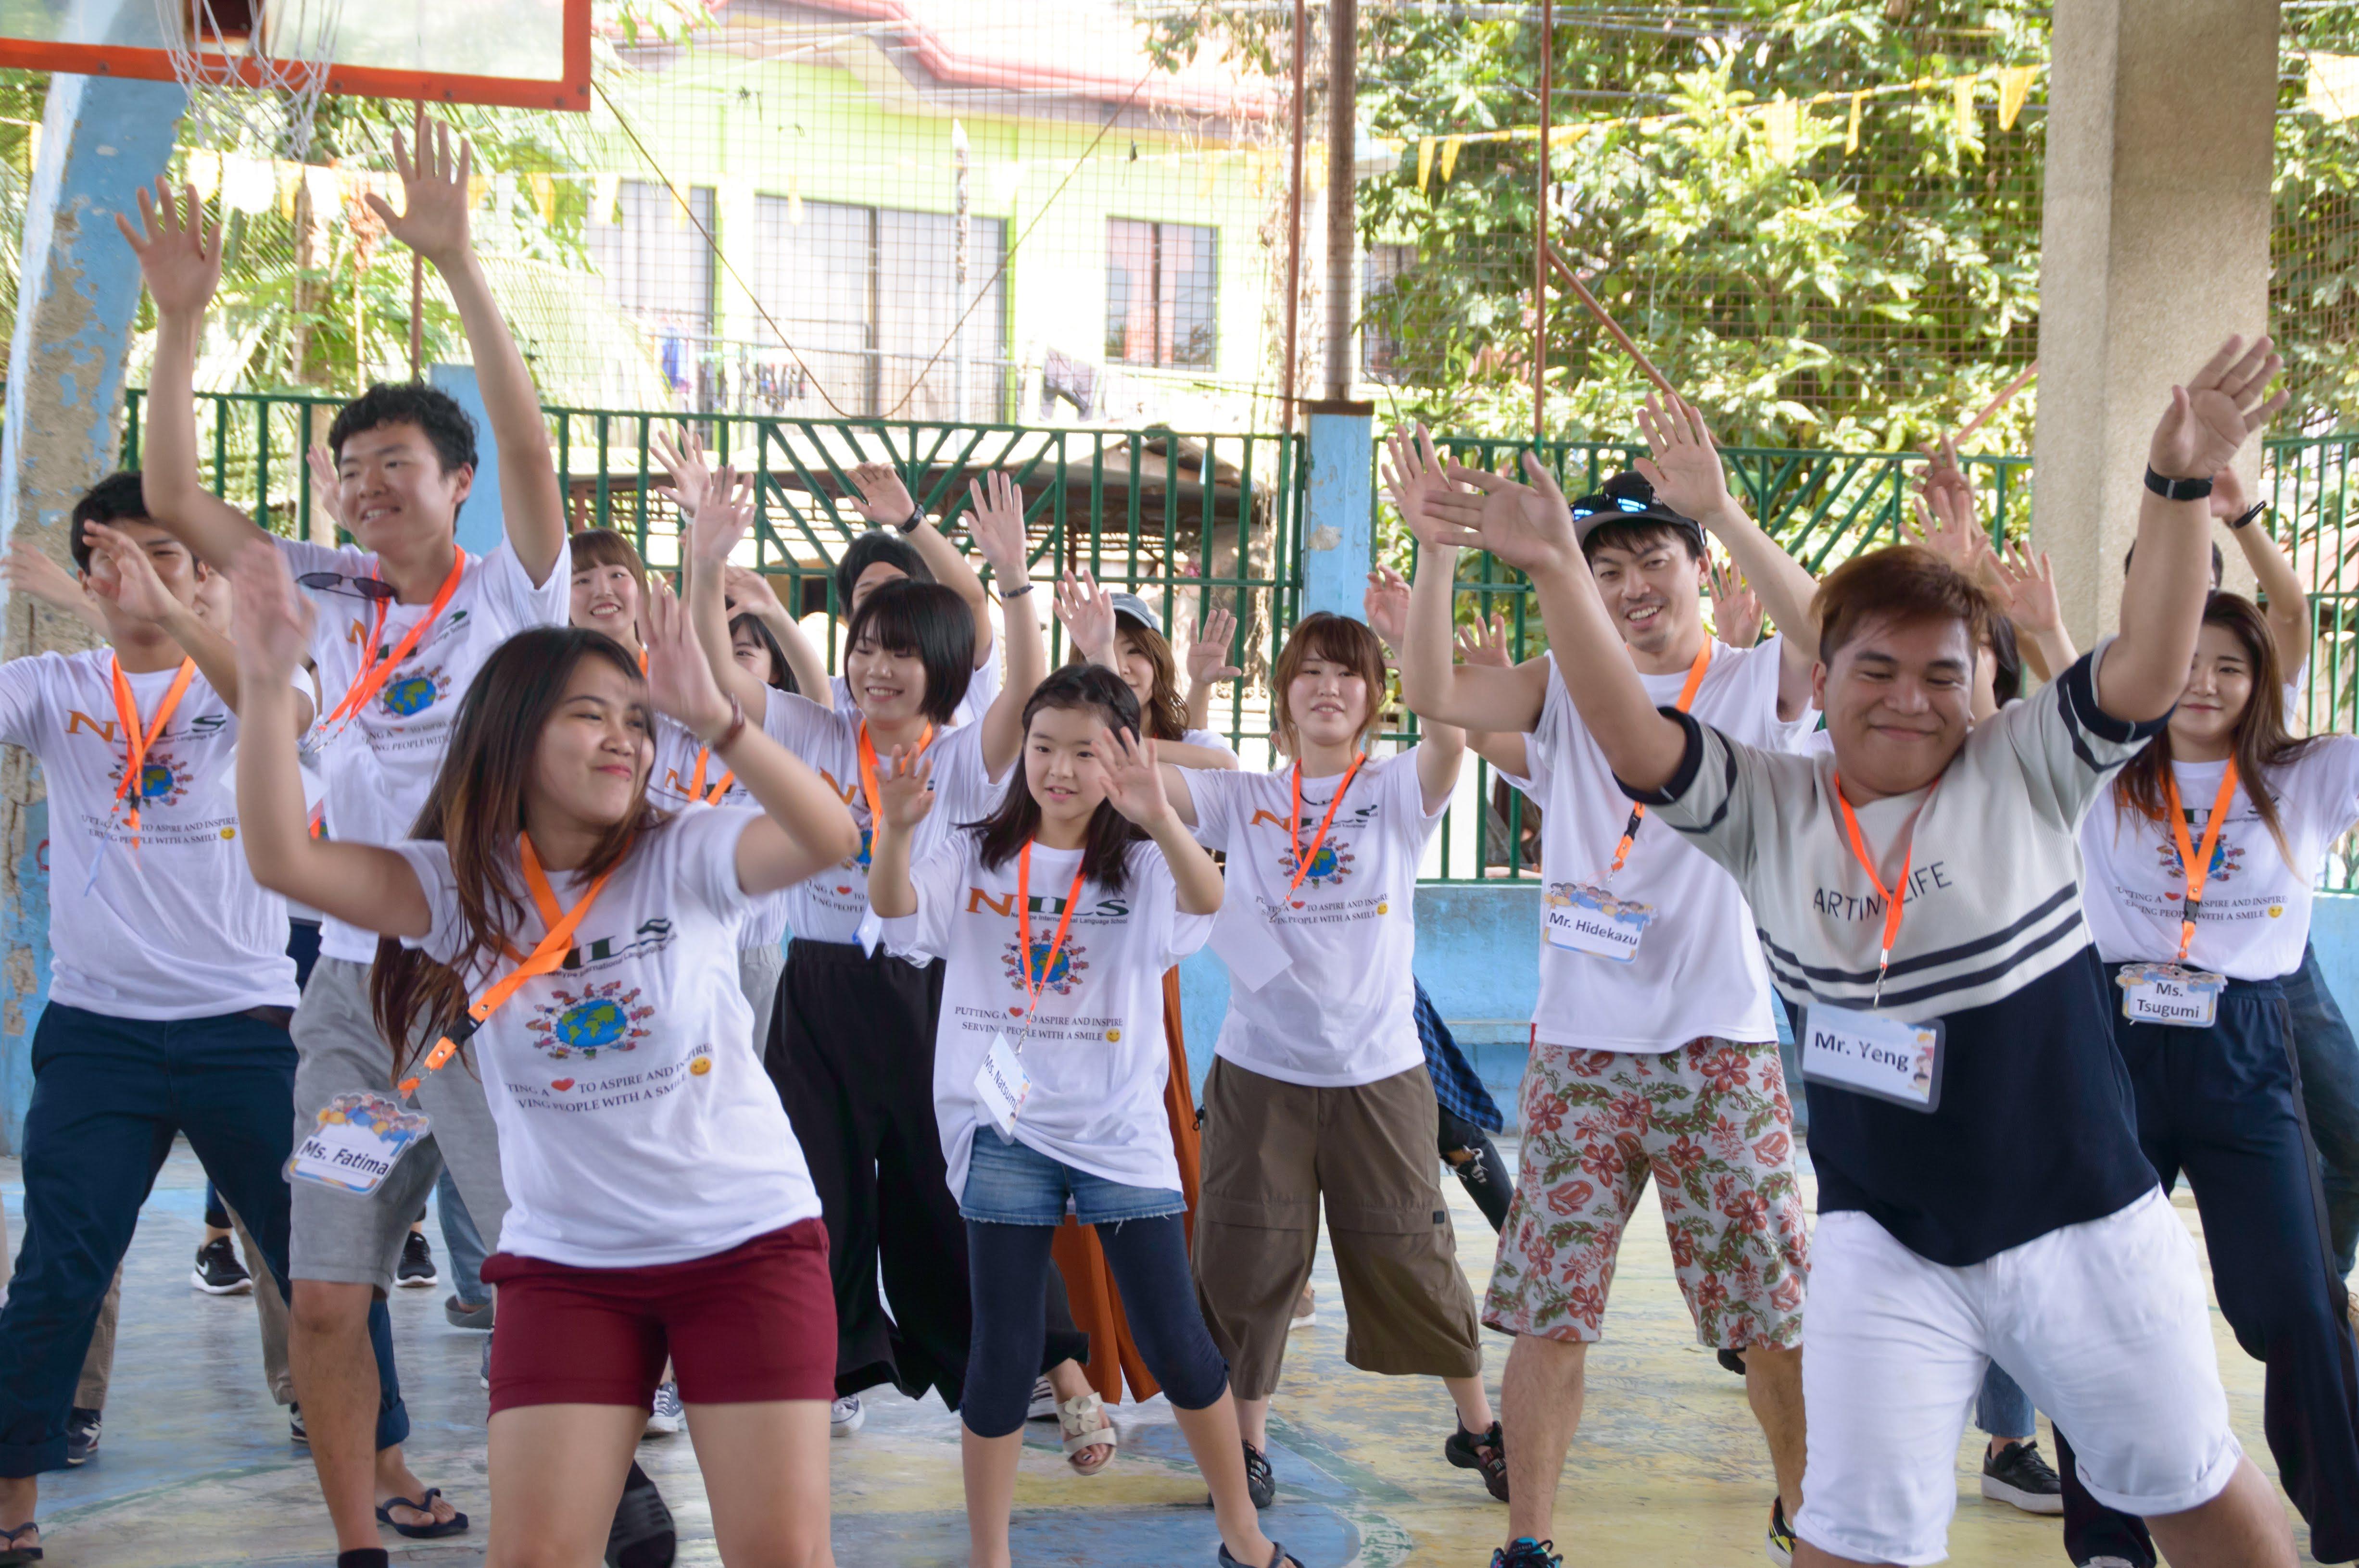 子どもたちの前で留学生と先生がダンス